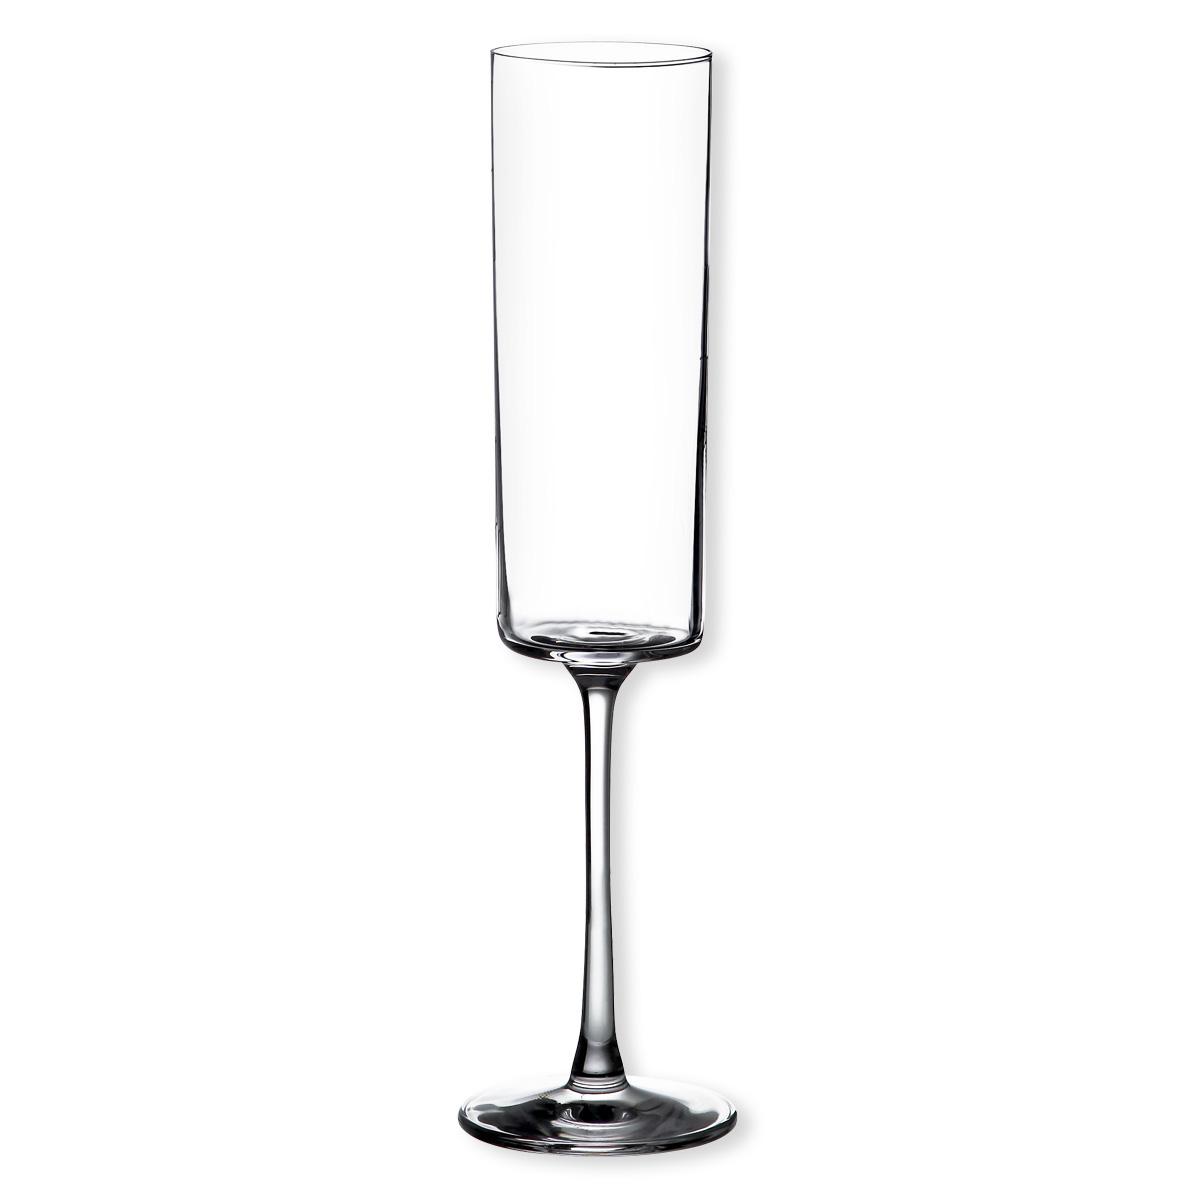 Fl te champagne design en cristallin verrerie chic bruno evrard - Flute a champagne design ...